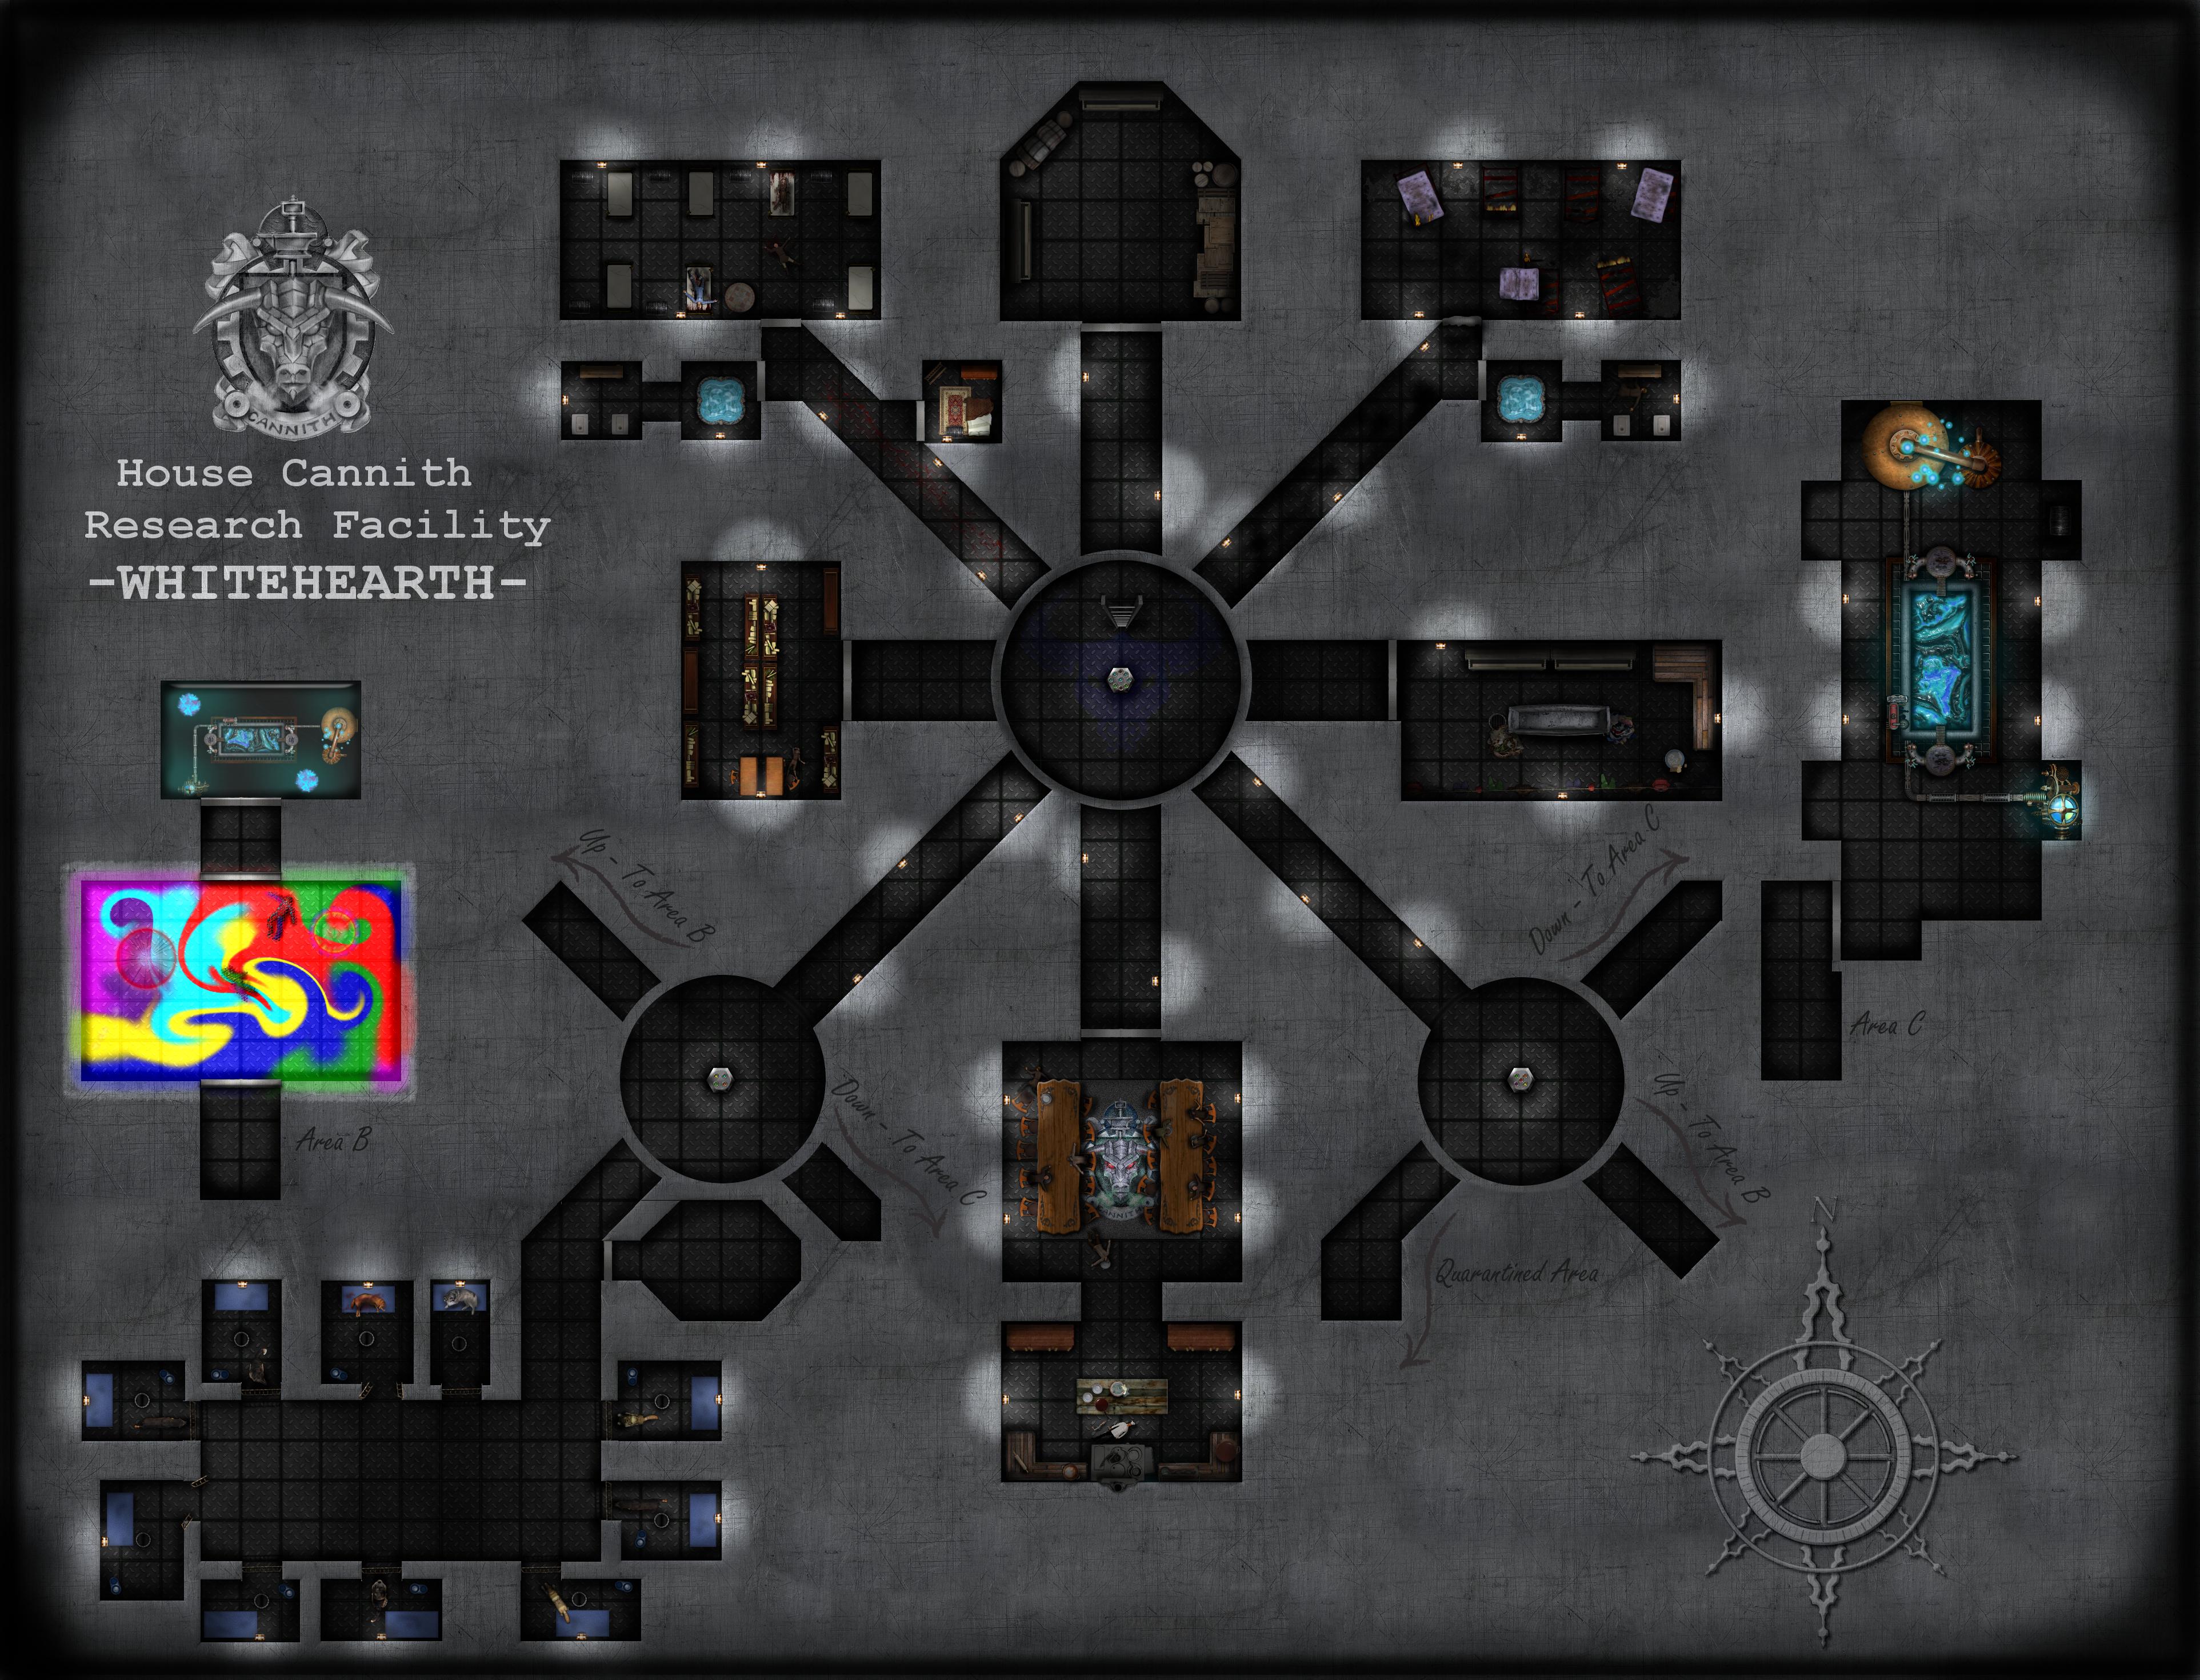 Whitehearth Facility - Eberron